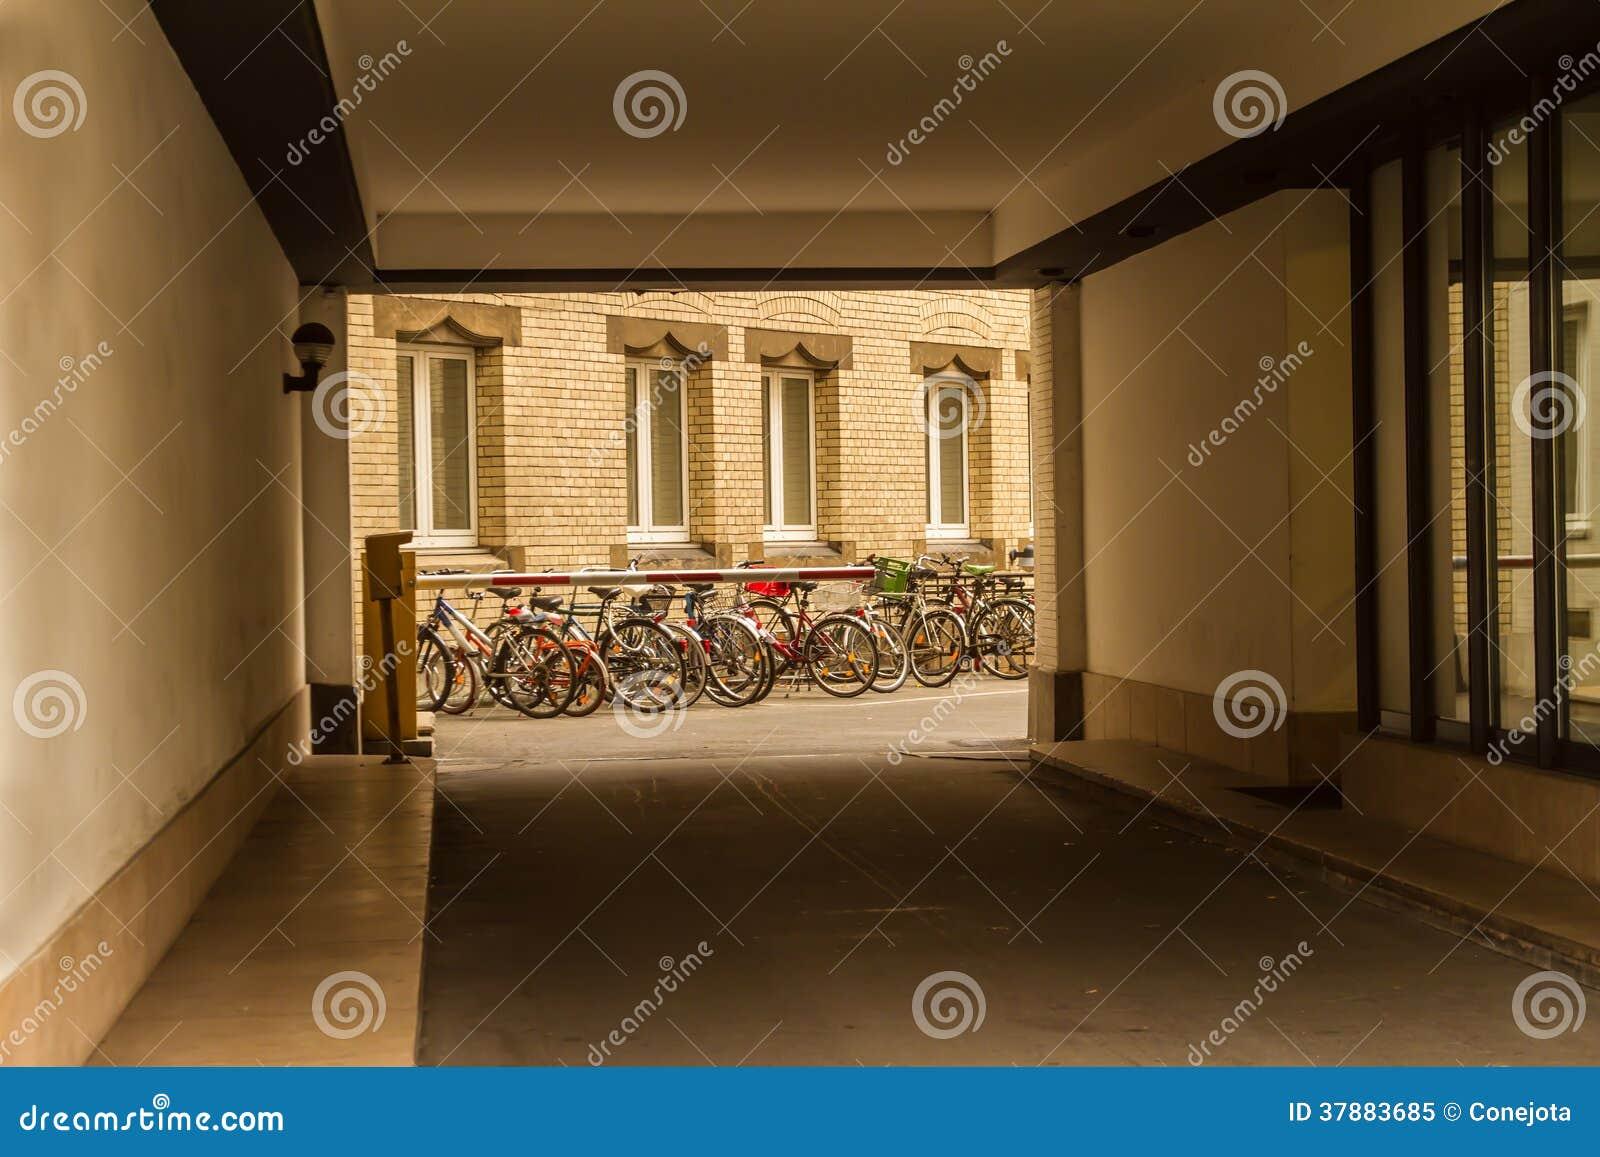 Ποδήλατα σε ένα κατώφλι